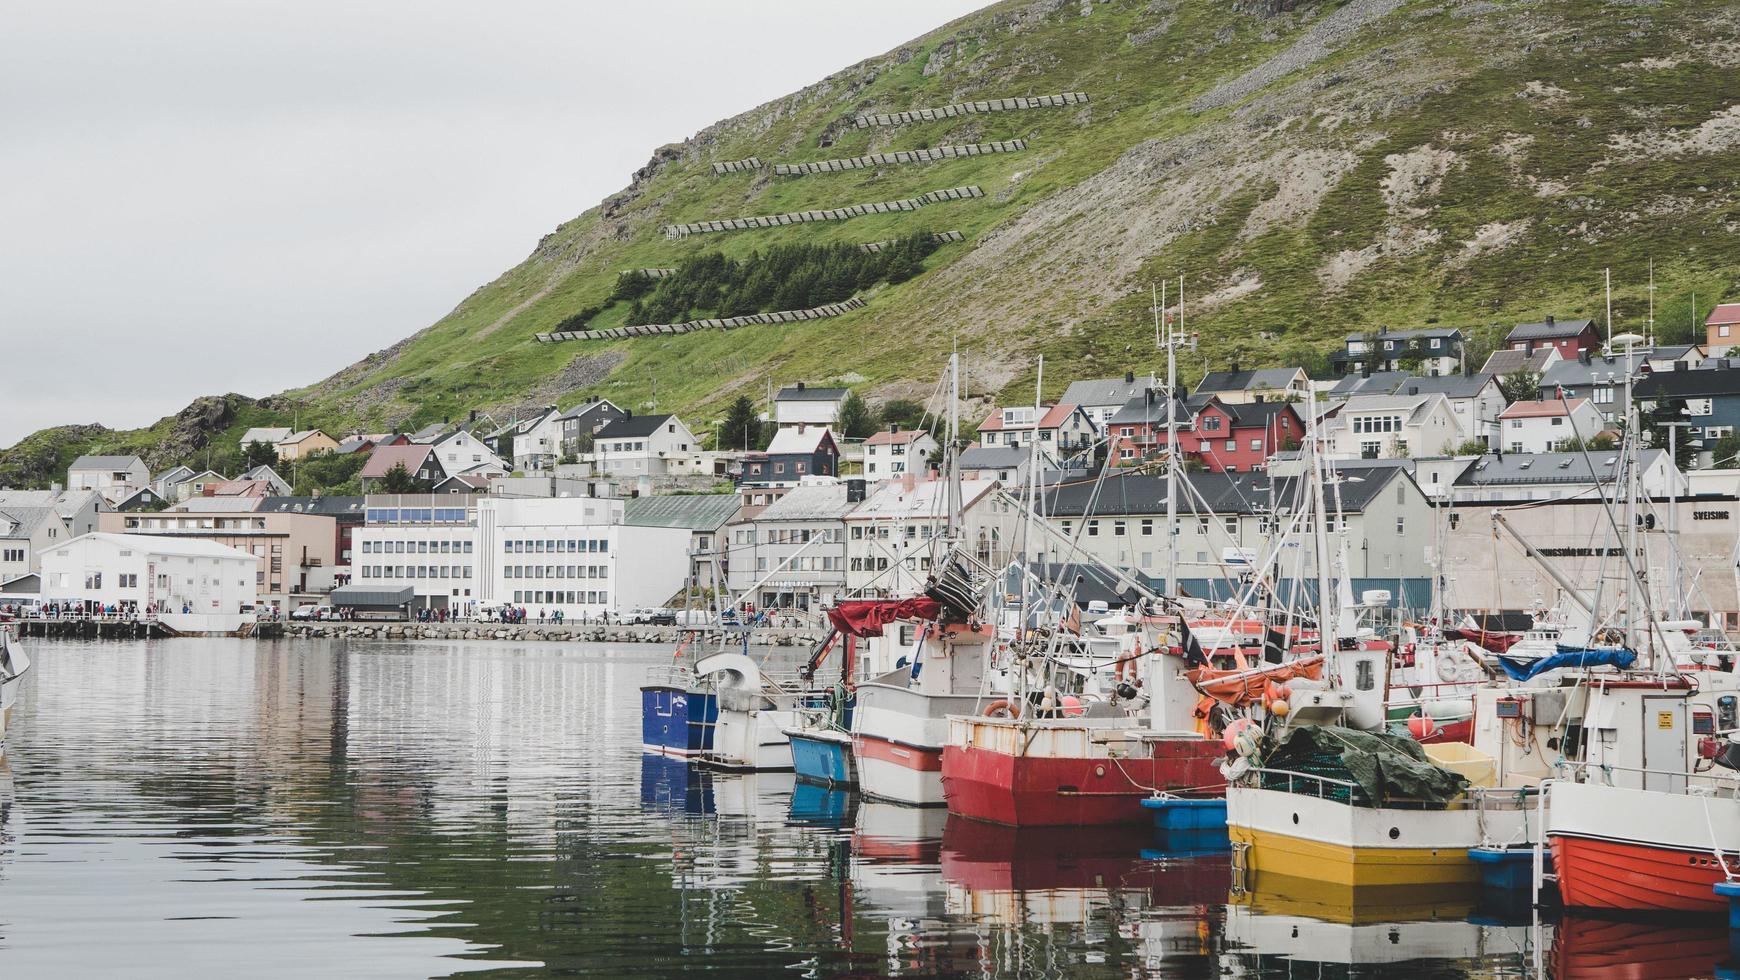 barche ormeggiate con edifici e montagne foto